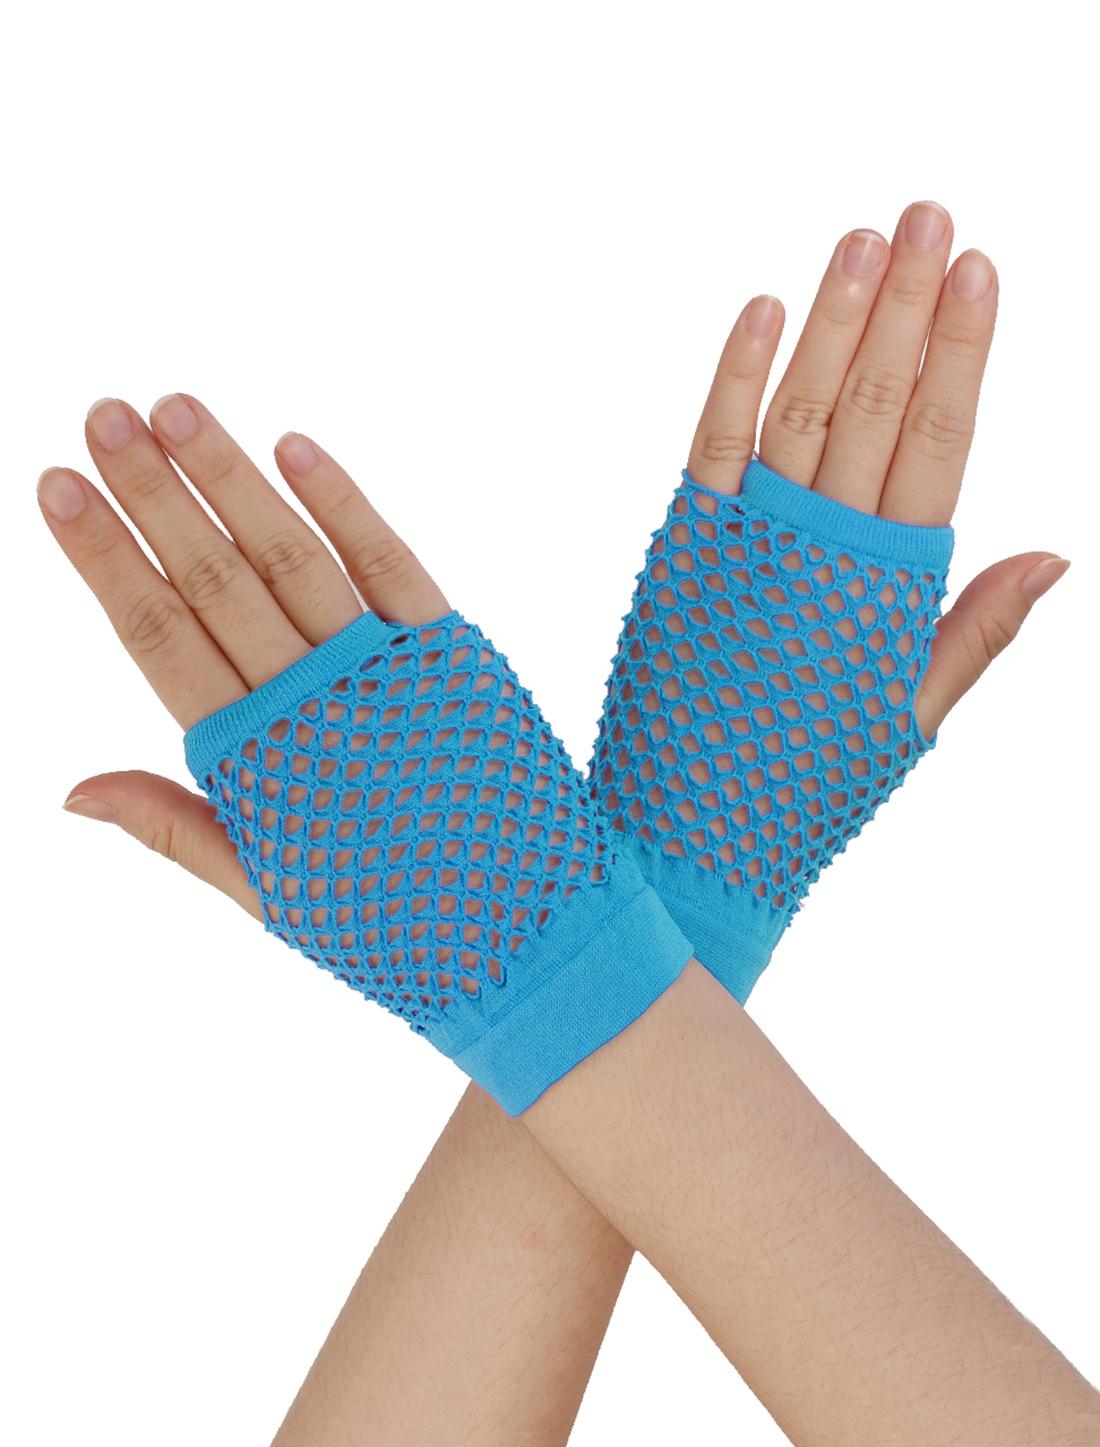 Women Wrist Length Stretchy Fingerless Fishnet Gloves 2 Pairs Sky Blue